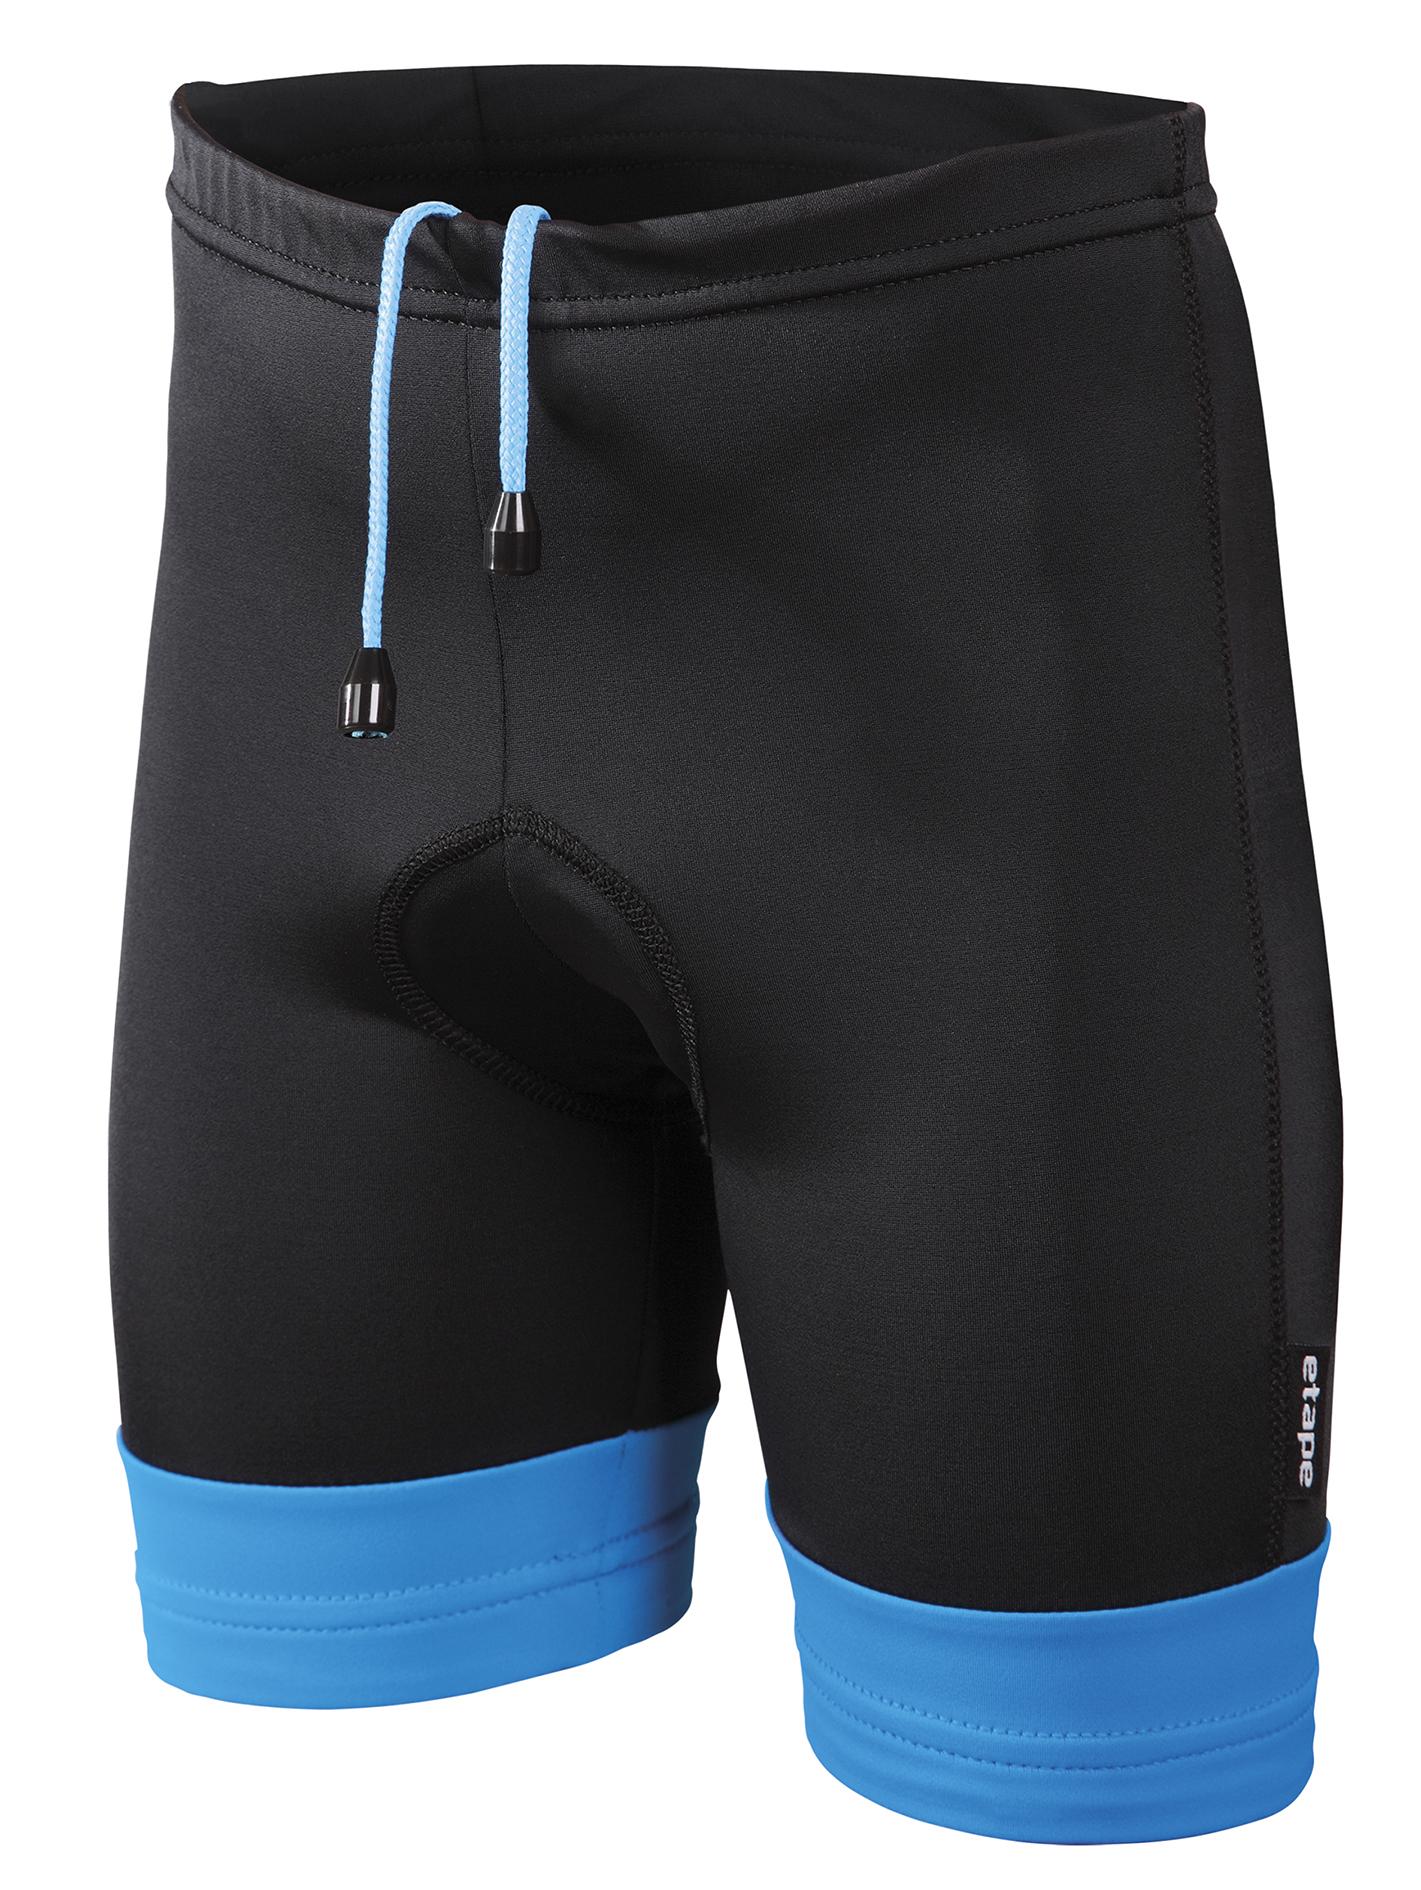 Dětské cyklistické kraťasy ETAPE Junior, 116/122, černá/modrá, model 2017 (Dětské kraťasy Etape, s vložkou )